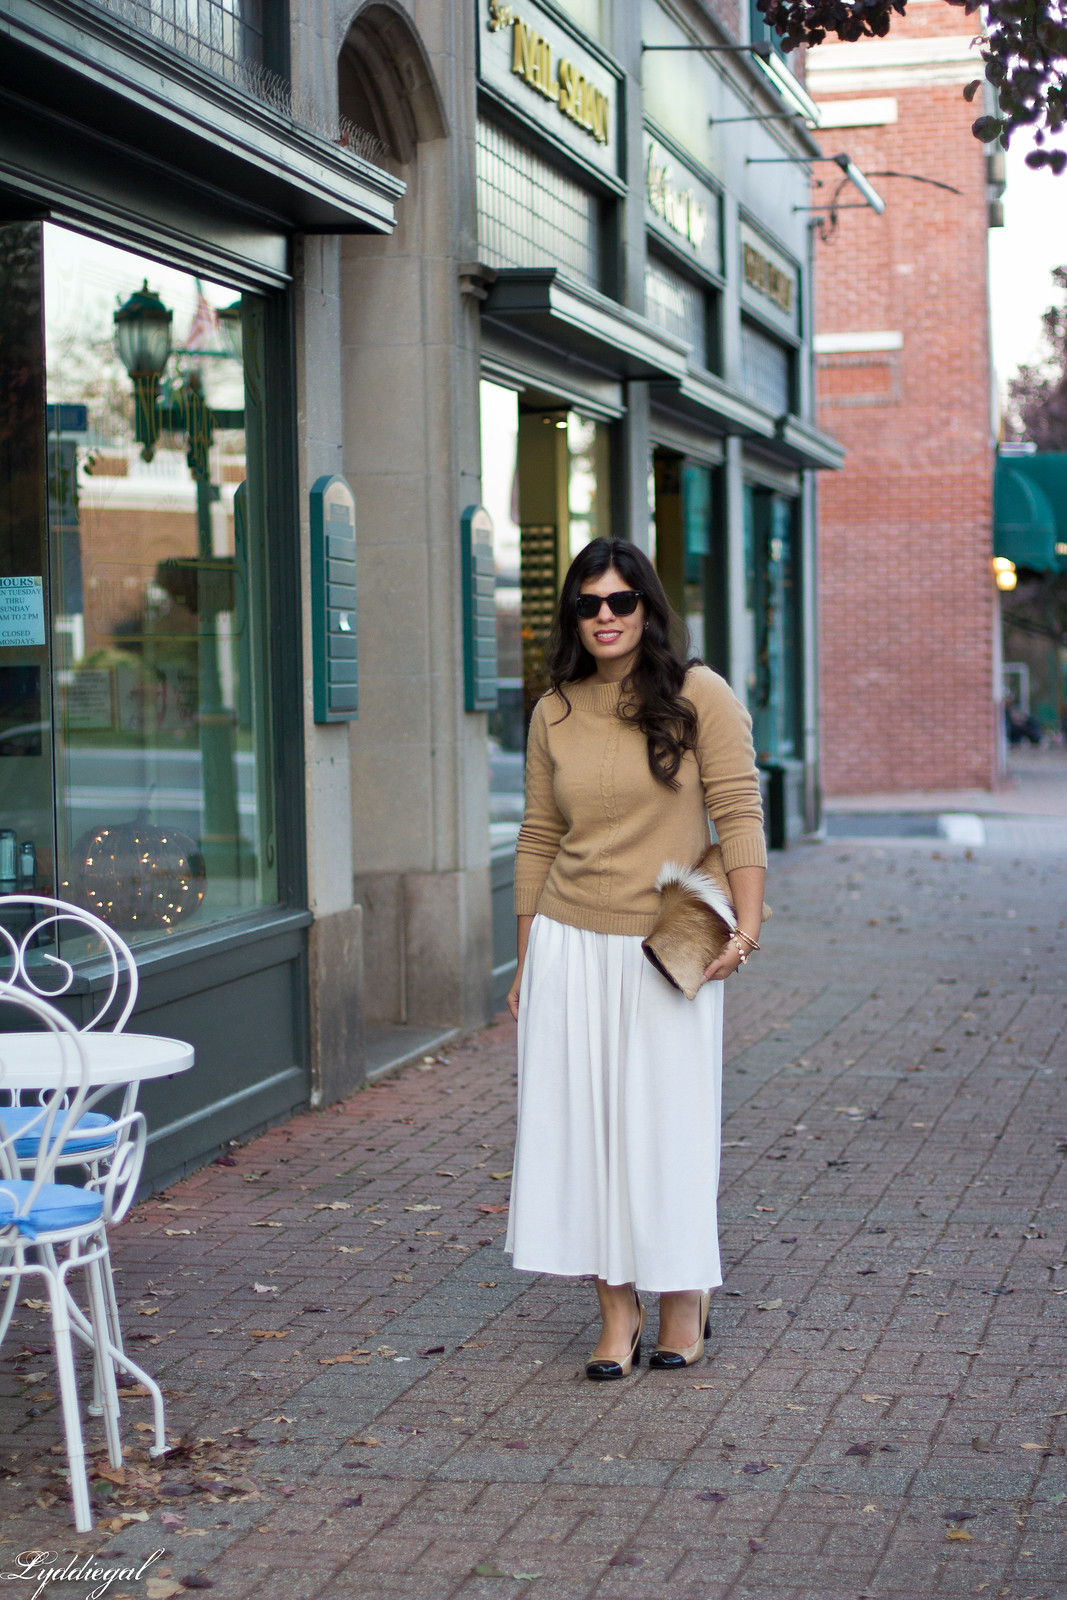 white Culottes, camel sweater, toe cap heels, springbok clutch-6.jpg